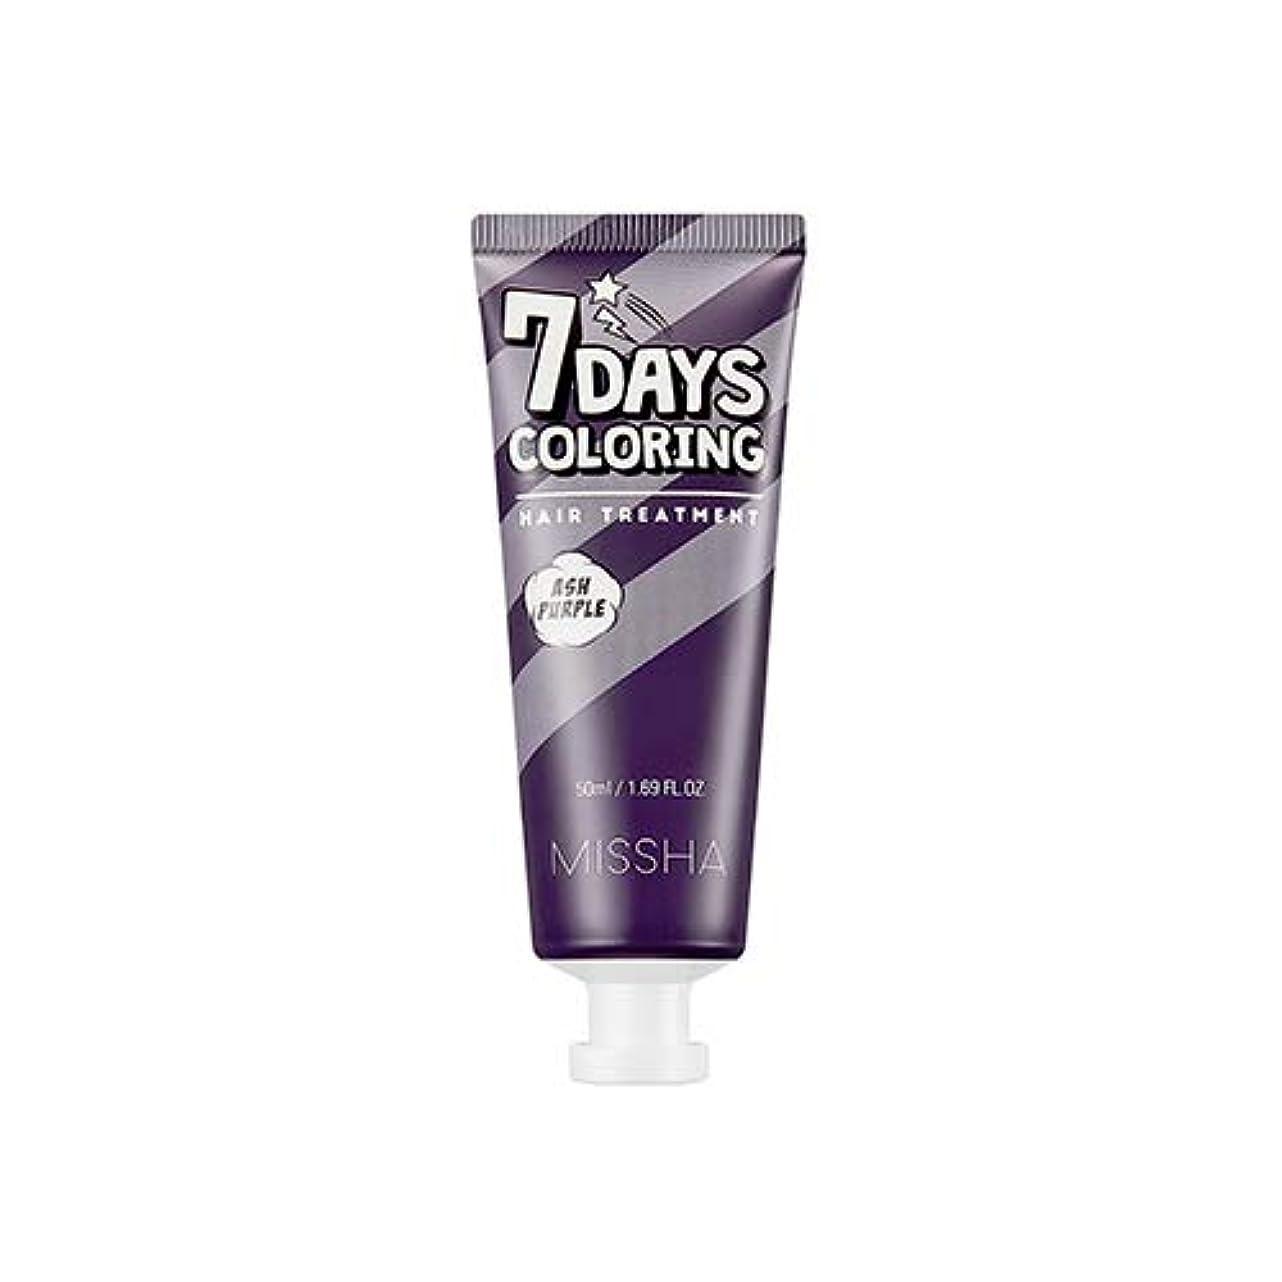 月拡張実際のミシャ セブンデイズカラーリングヘアトリートメント 50ml / MISSHA 7 Days Coloring Hair Treatment # Ash Purple [並行輸入品]